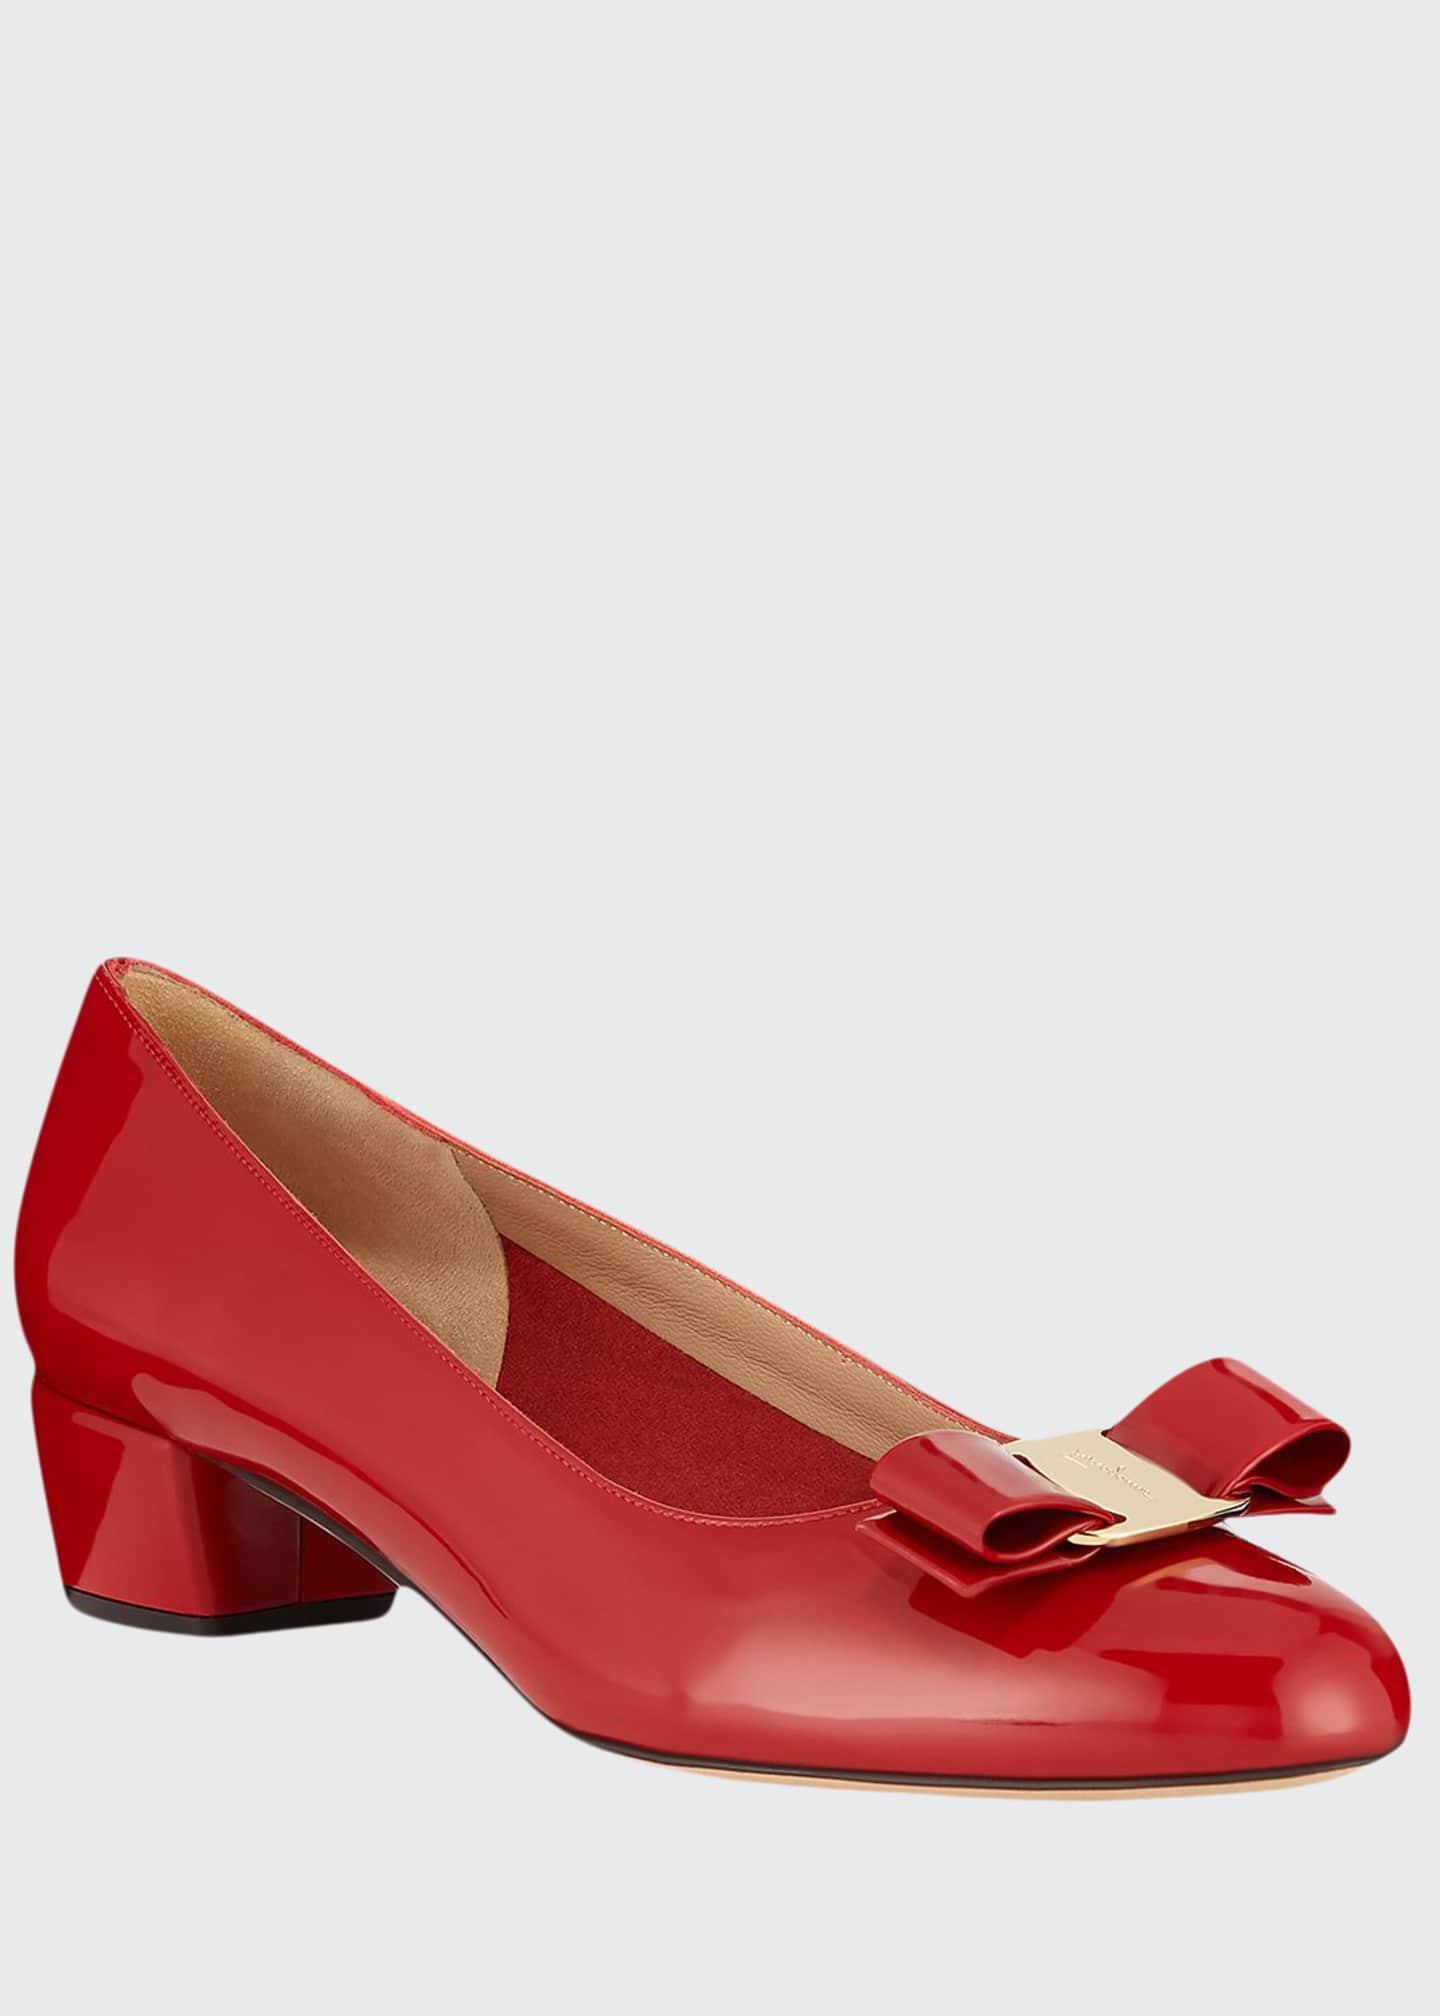 Salvatore Ferragamo Vara 1 Patent Bow Pumps, Red